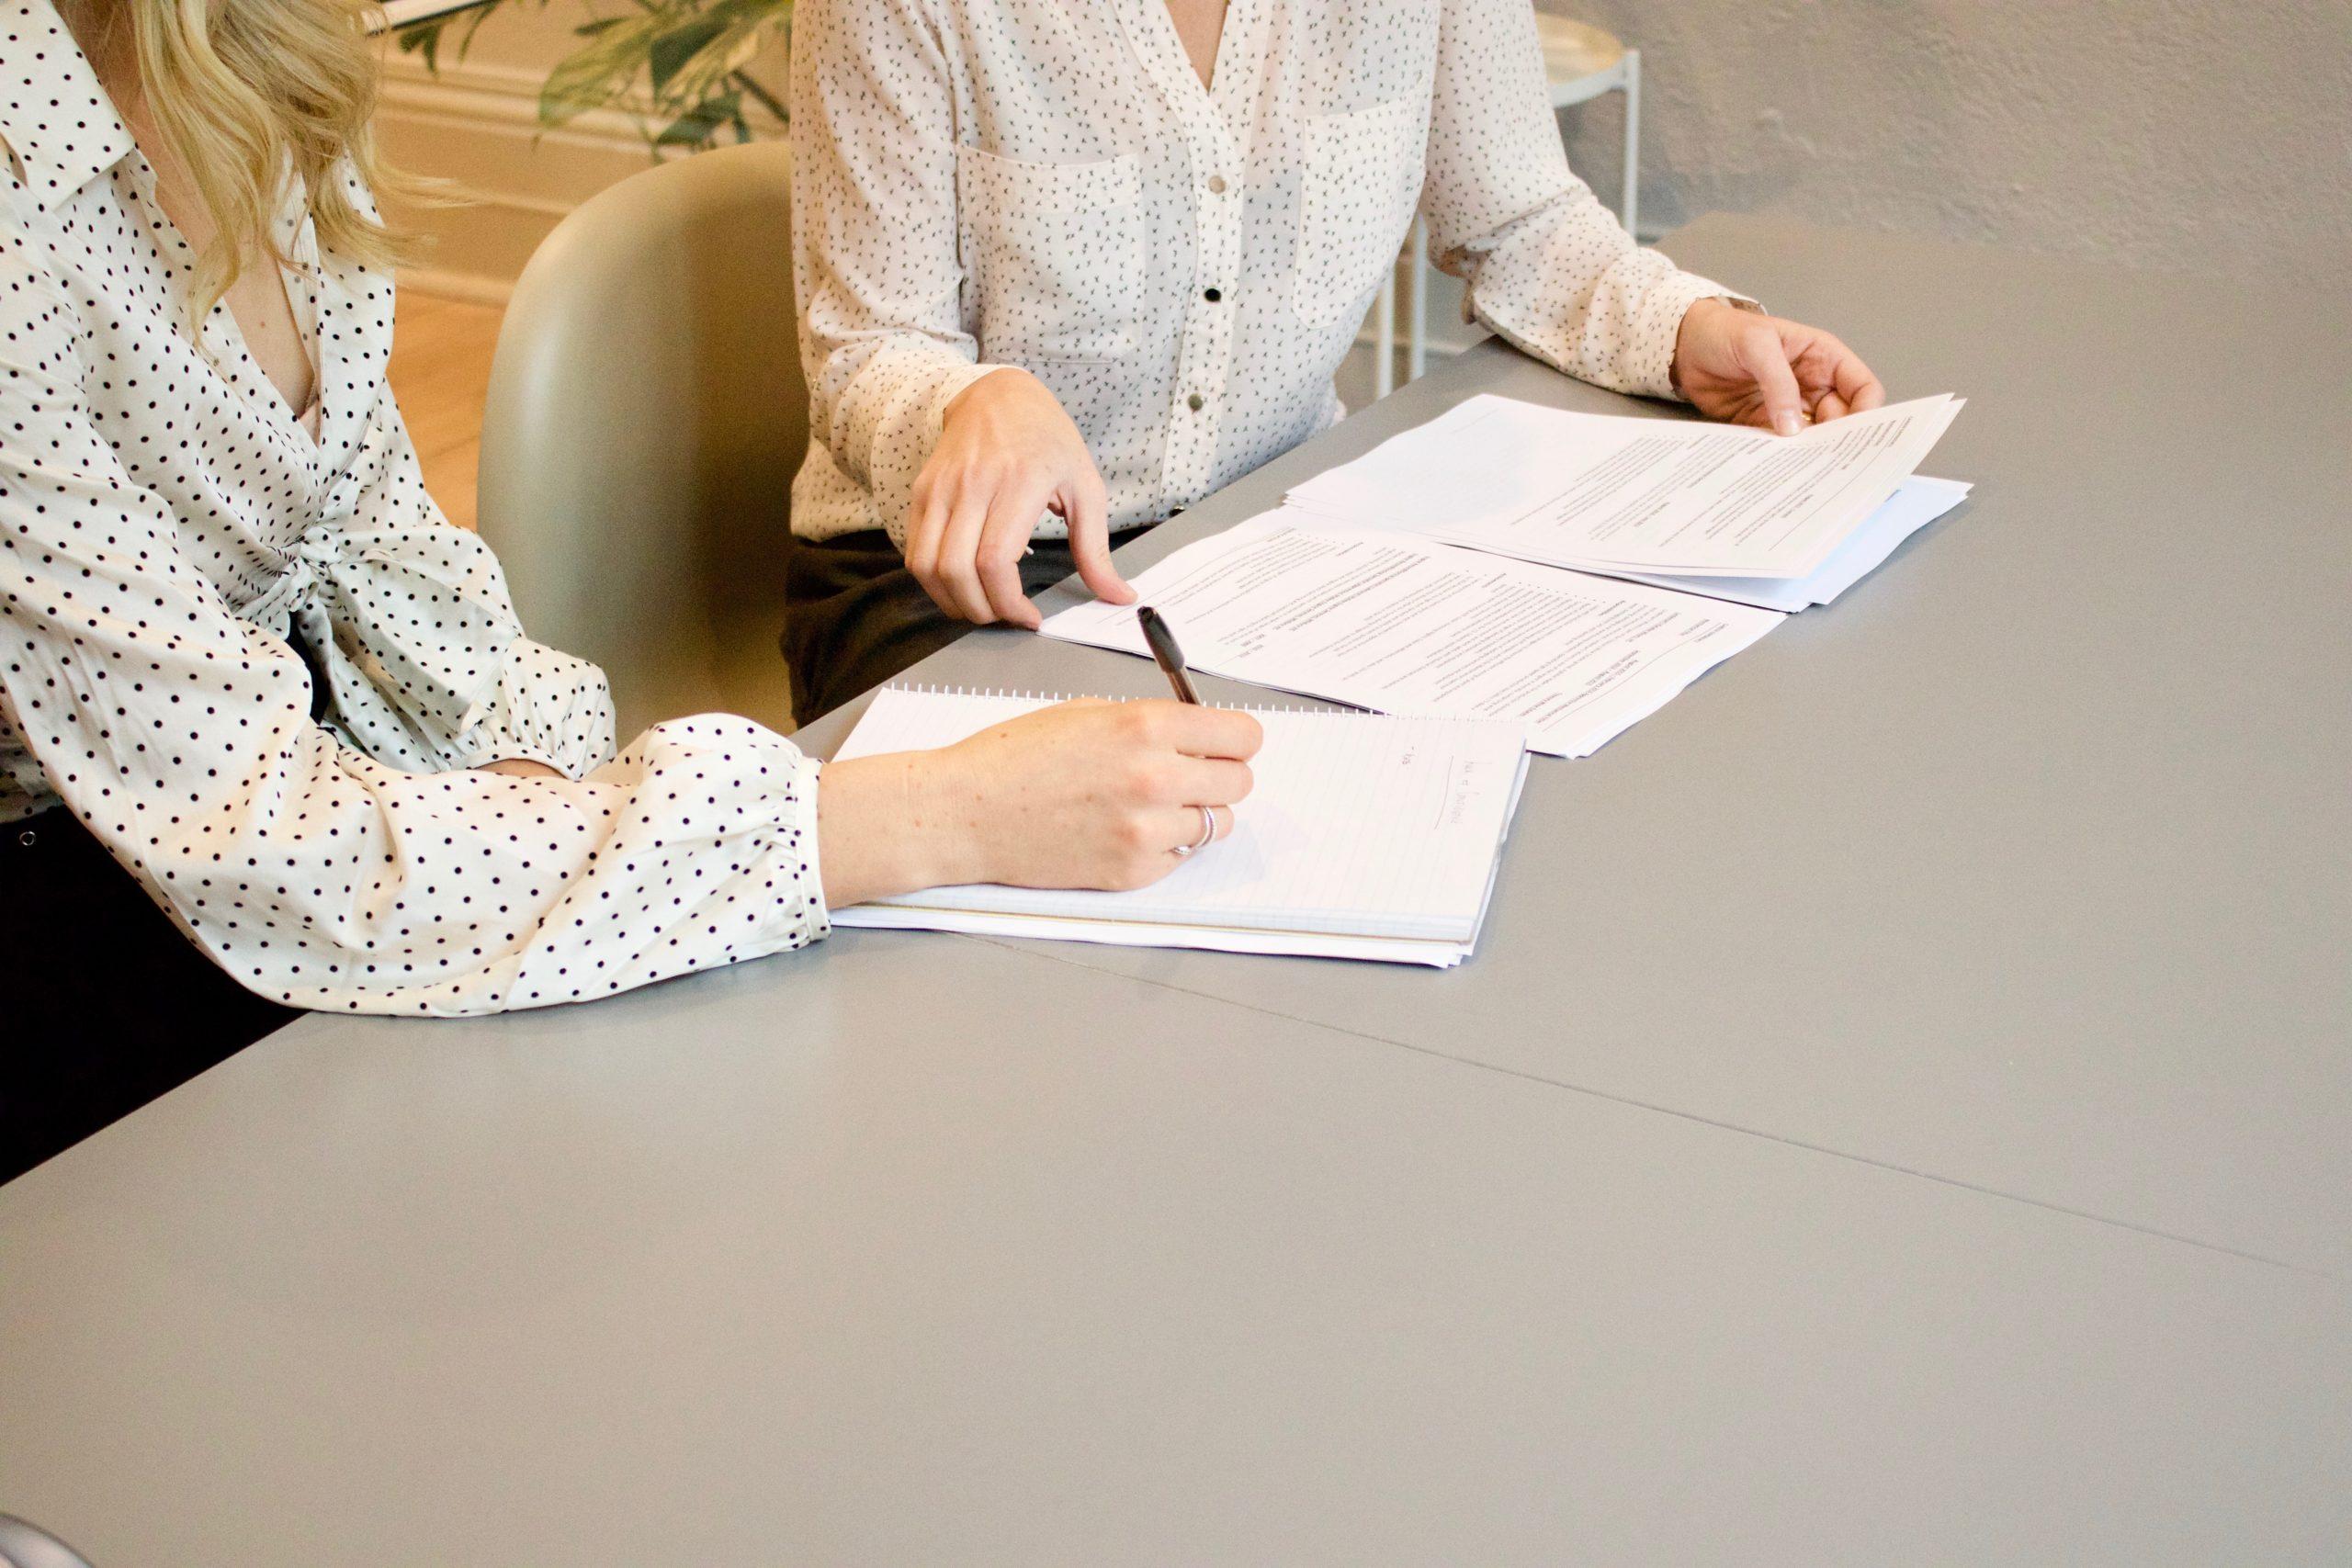 spécialiste en ressources humaines avec brevet fédéral